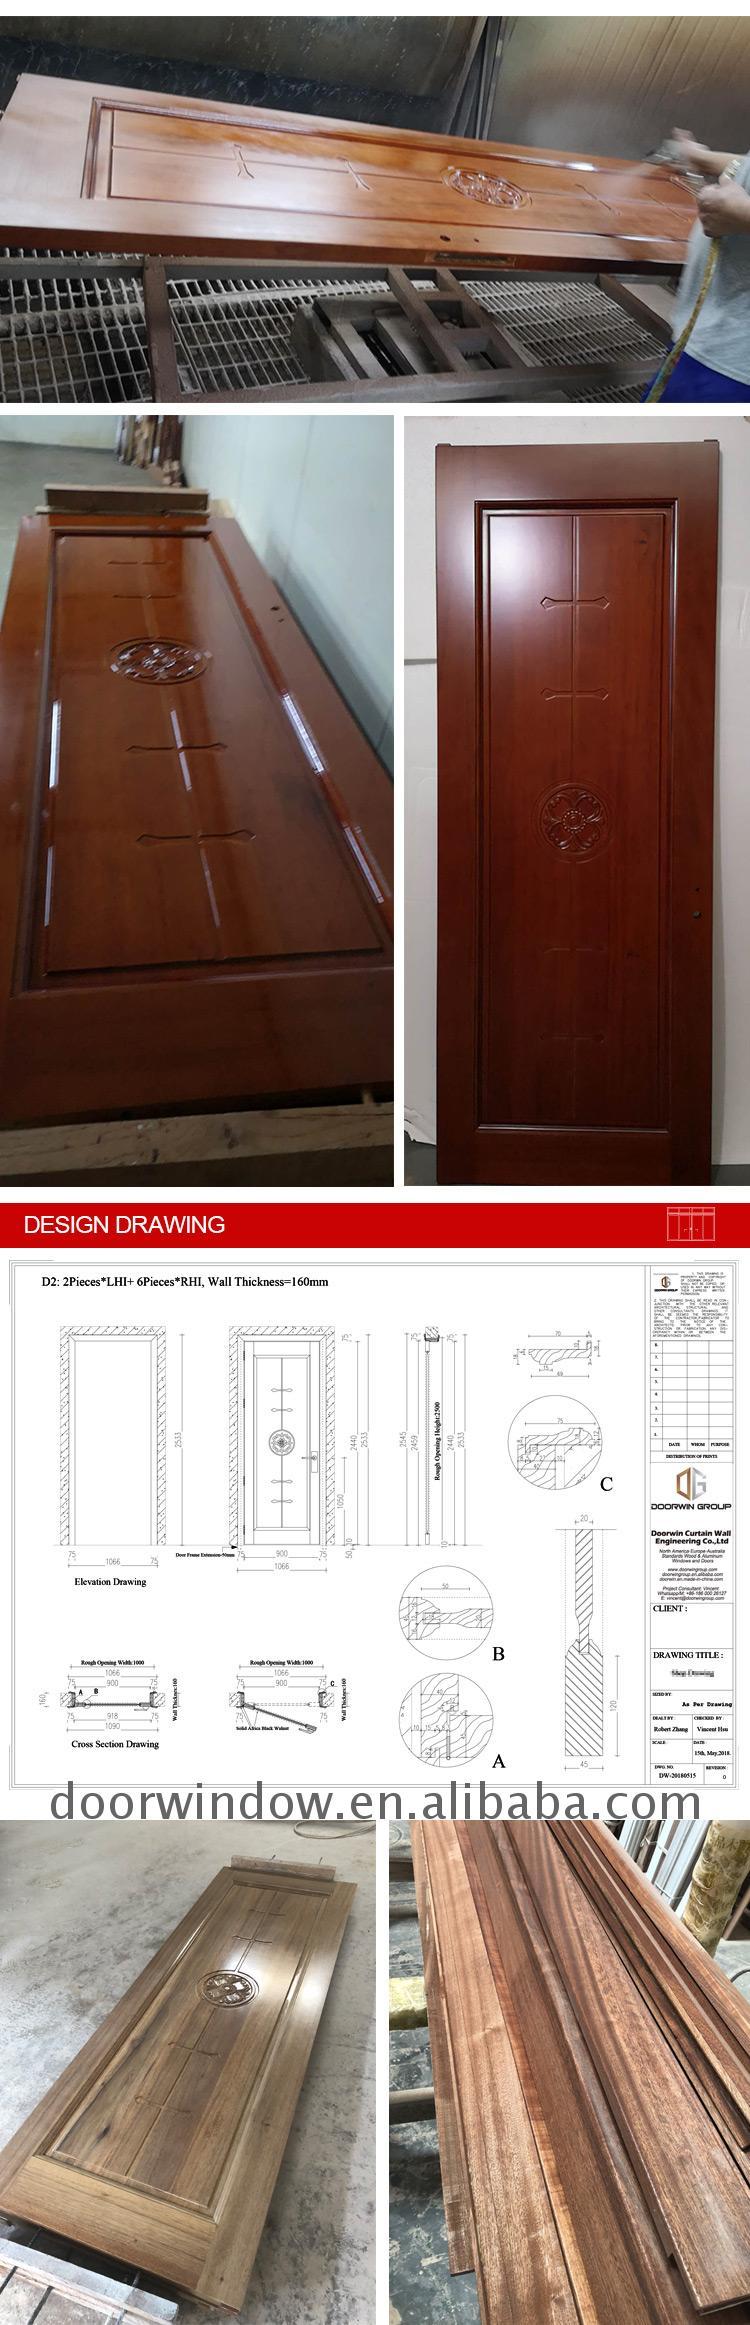 wood carving door